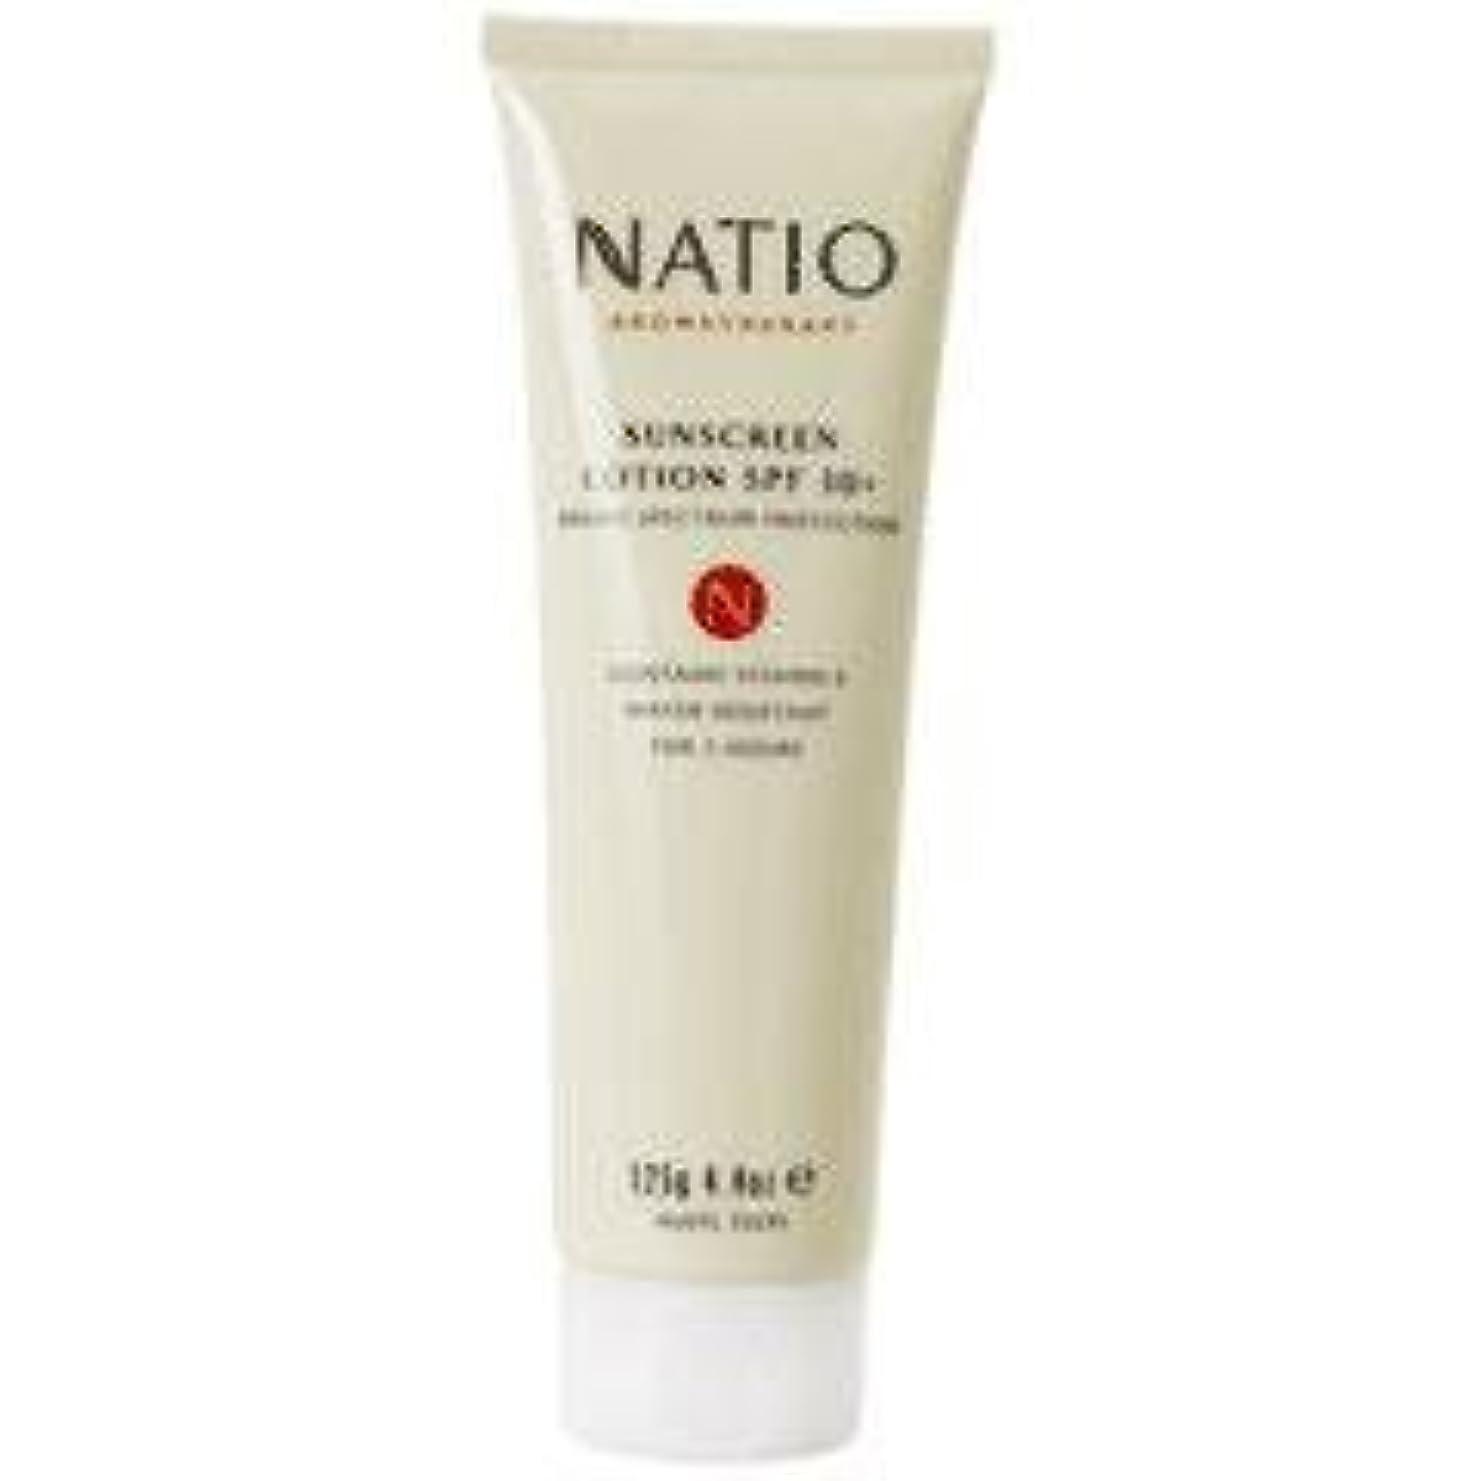 企業クリーナースキー【NATIO Aromatherapy Sunscreen Lotion SPF30+】 ナティオ  日焼け止めクリーム SPF30+ [海外直送品]